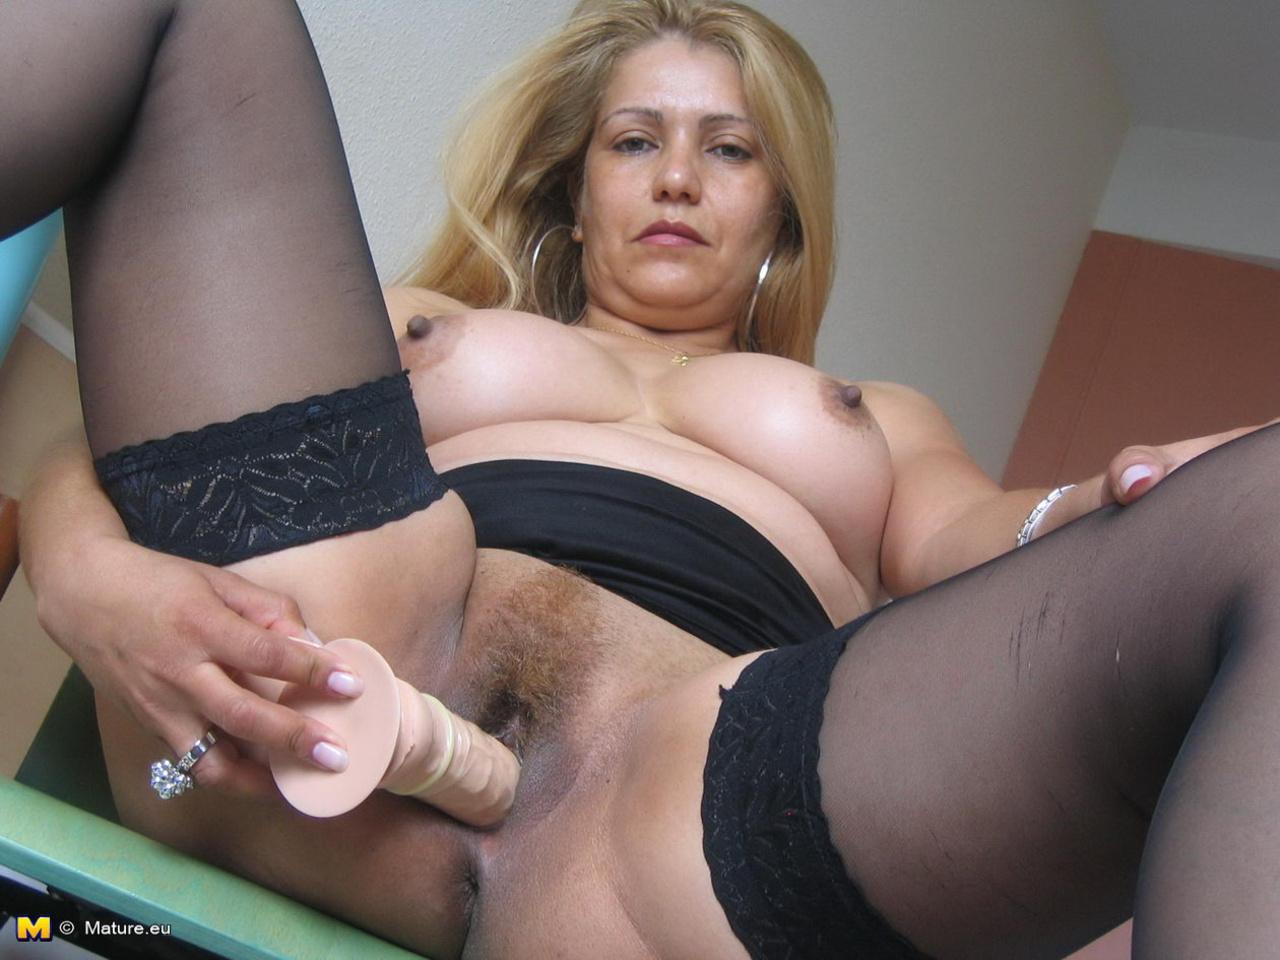 Порно зрелая баба мастурбирует - Онлайн секс для самых отчаянных ...